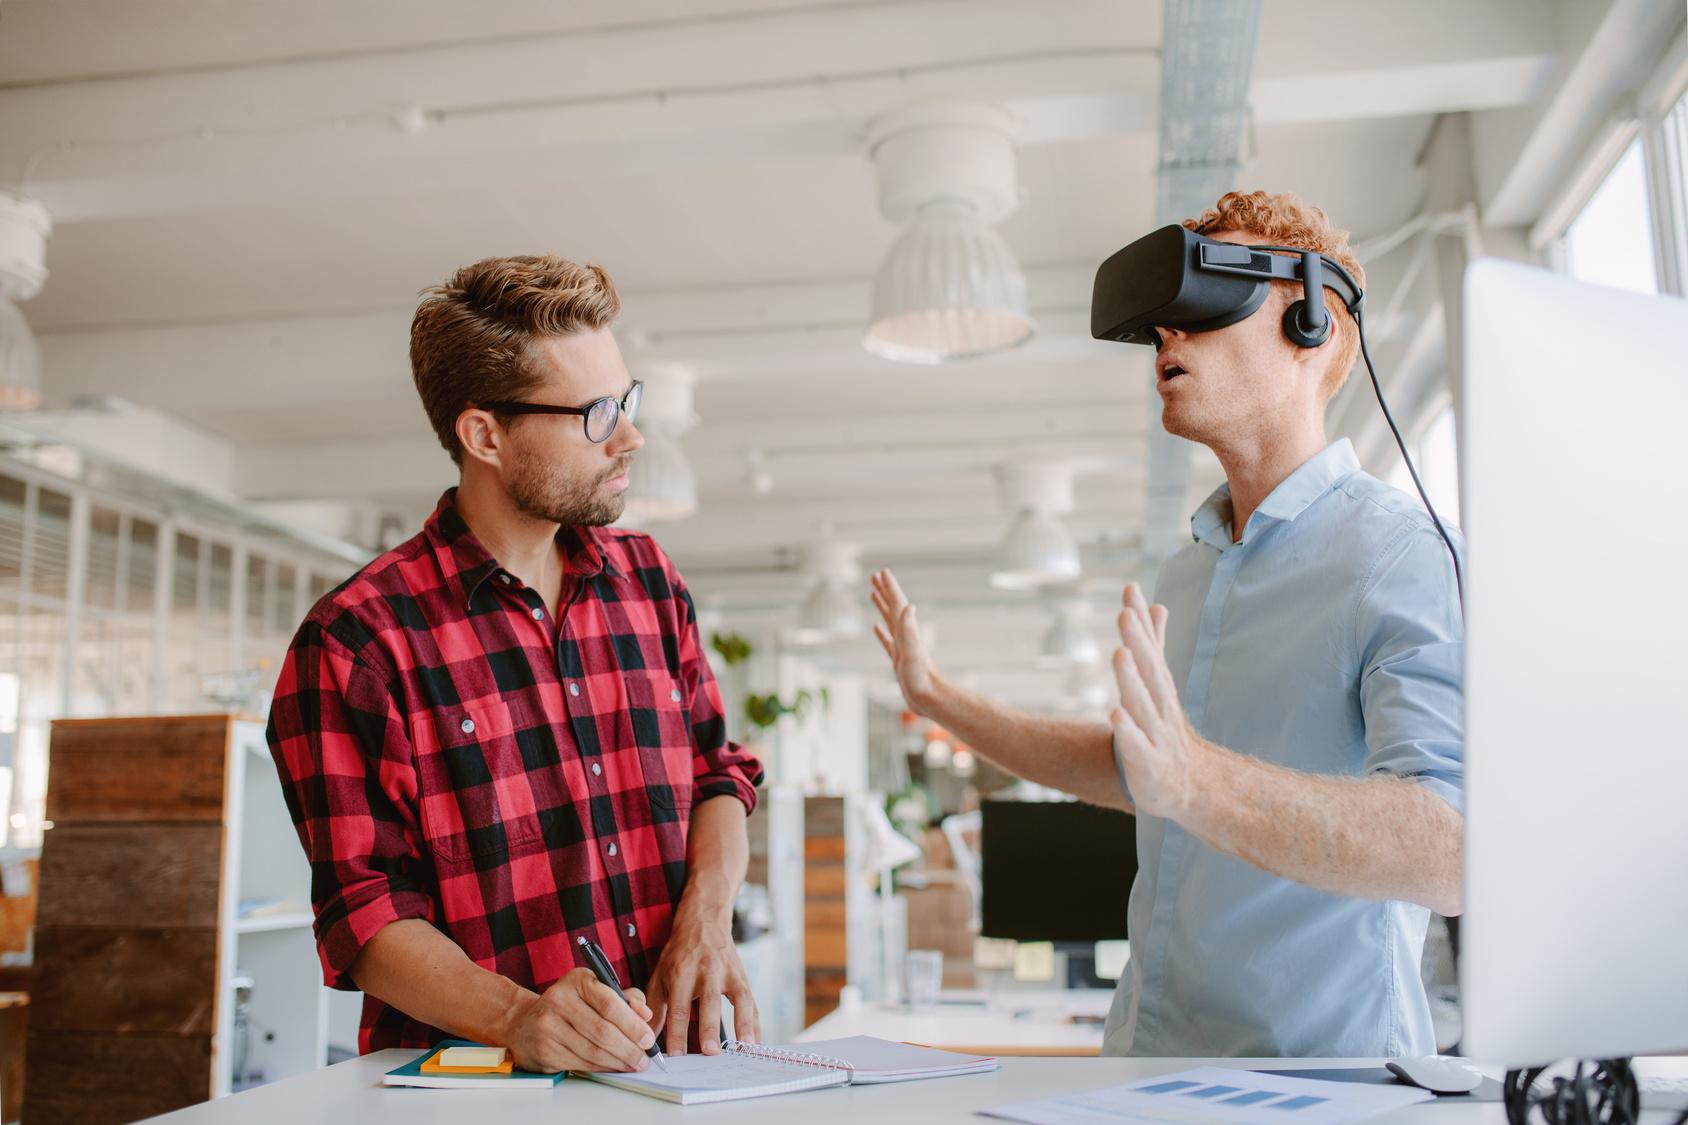 Neue Technologien im digitalen Bereich beleben vor allem dem Markt im Bereich Software und Gaming. In diesem Sektor ist ein überdurchschnittliches Wachstum zu verzeichnen.  Bild: Fotolia, © Jacob Lund